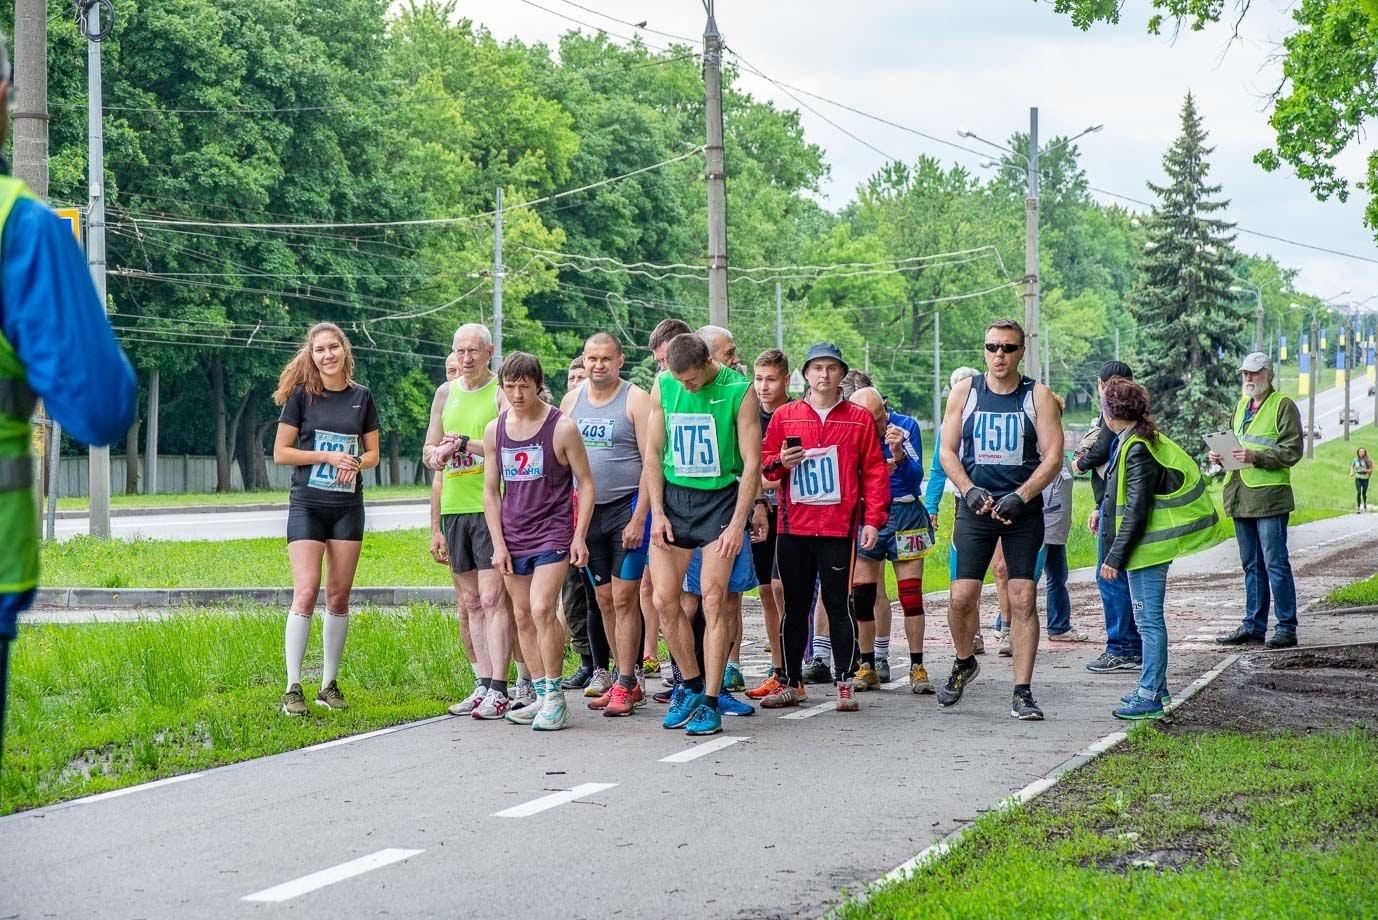 Відкритий особисто-командний чемпіонат Харкова з гірського бігу «Зелені гірки»